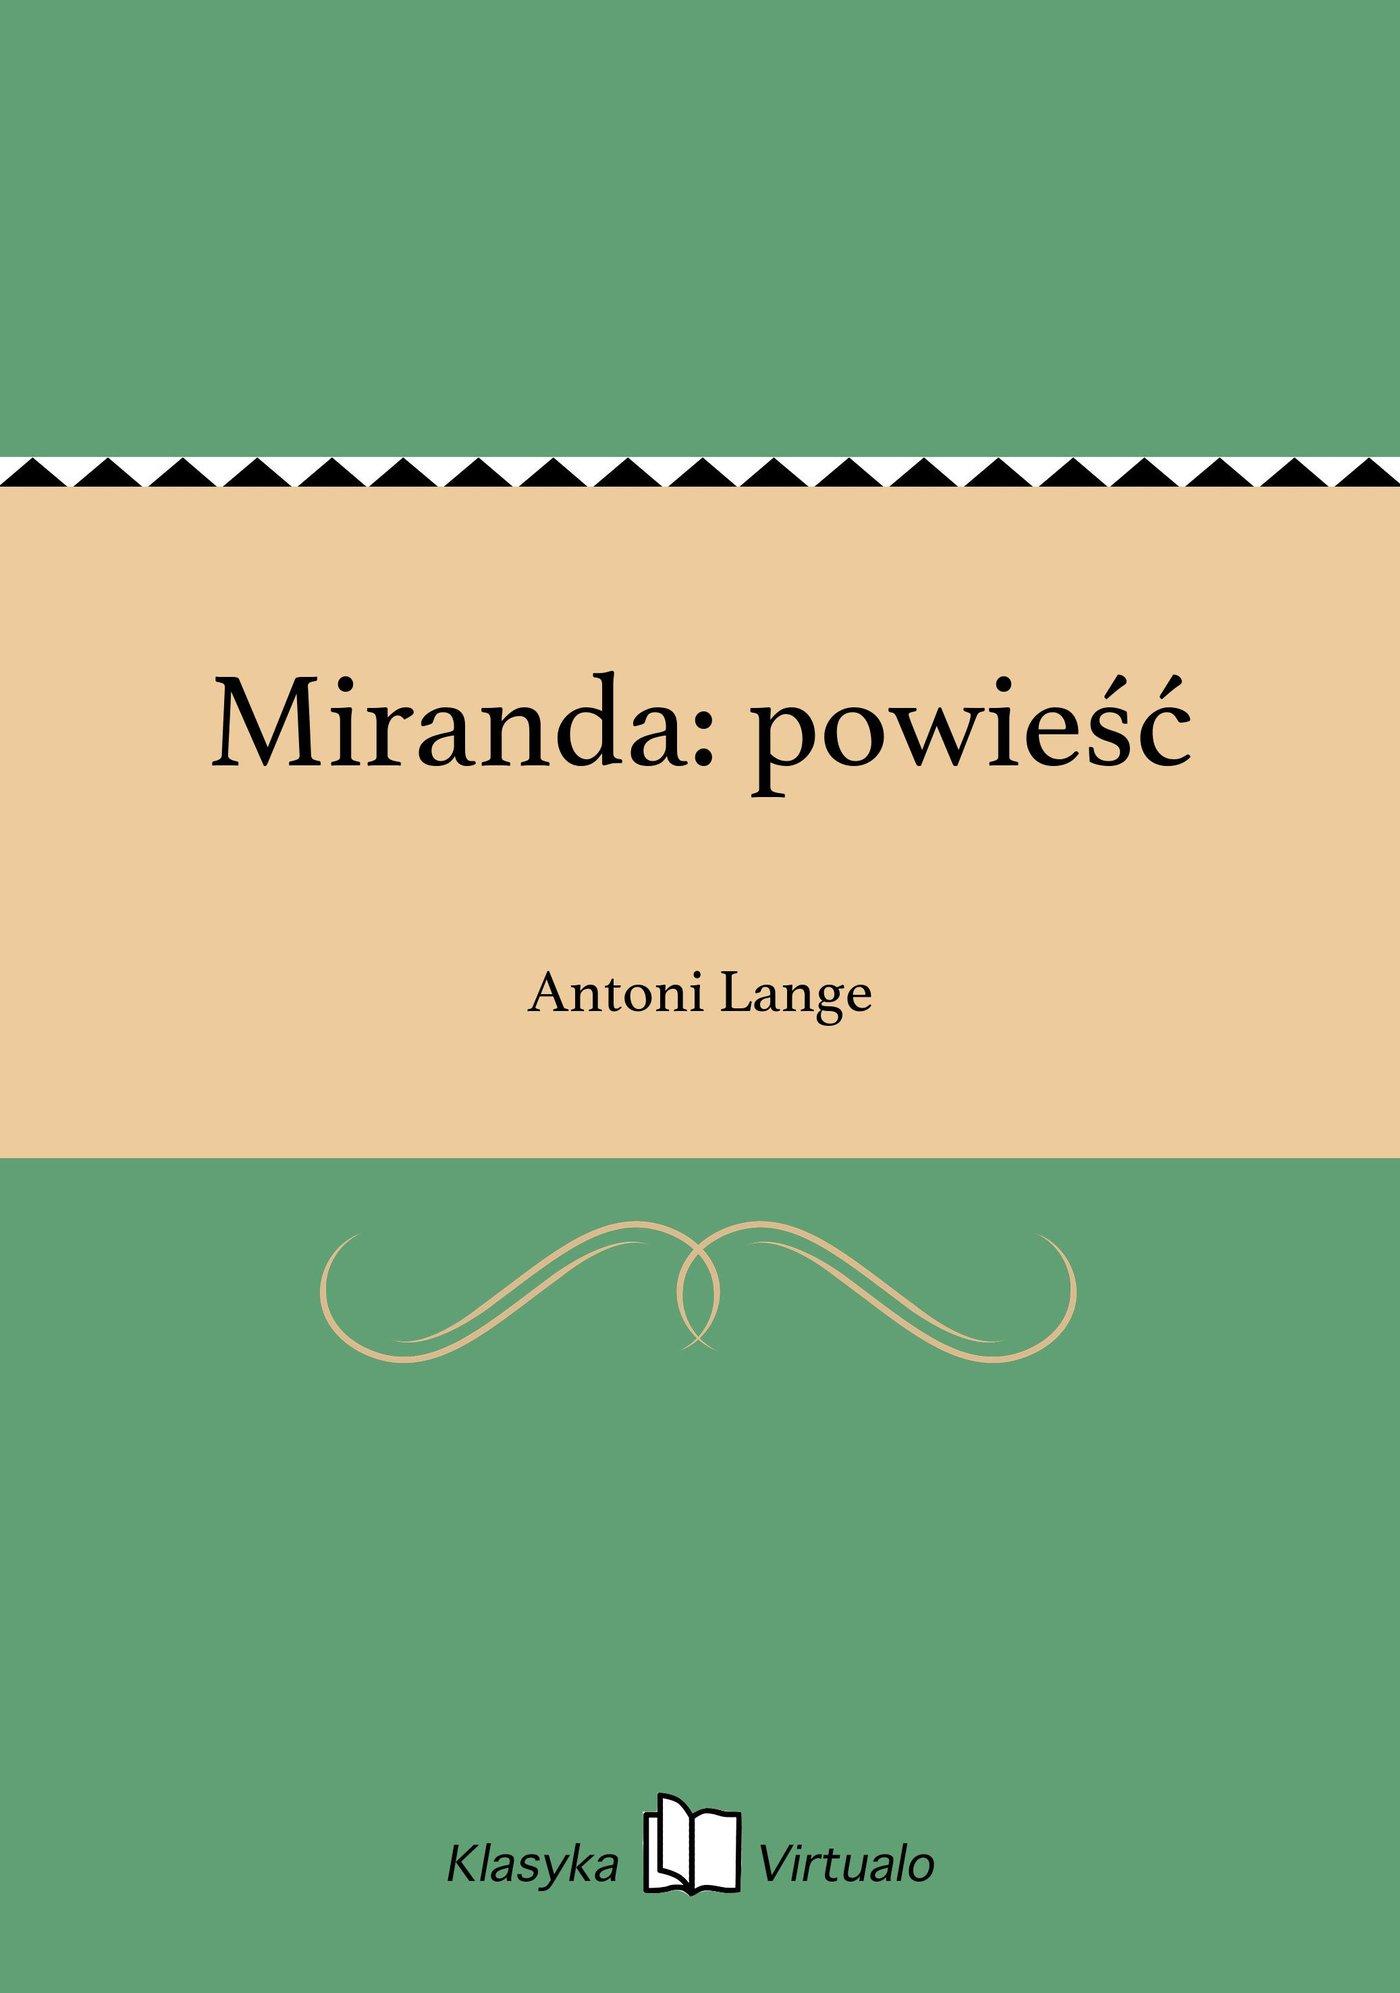 Miranda: powieść - Ebook (Książka EPUB) do pobrania w formacie EPUB